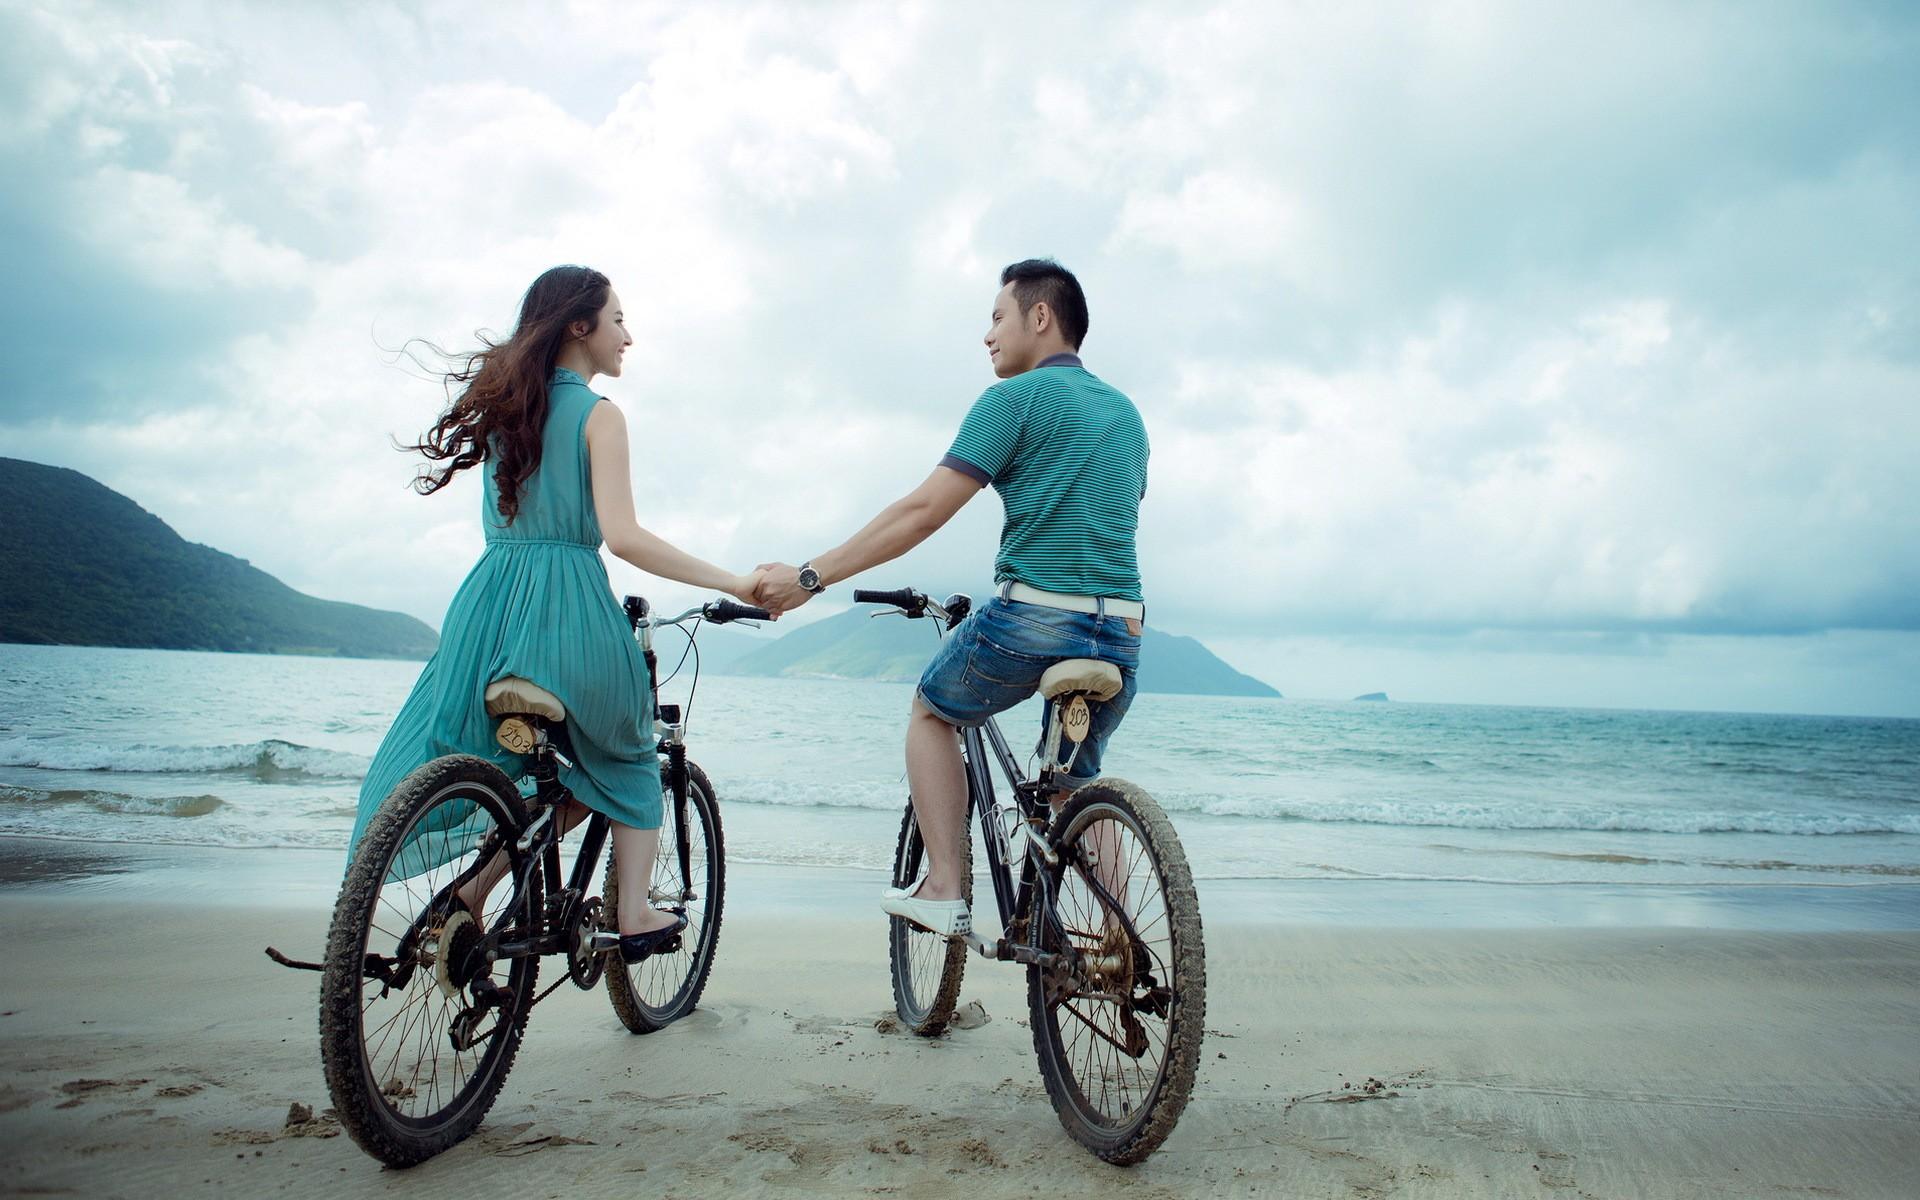 Una pareja en bicicletas - 1920x1200